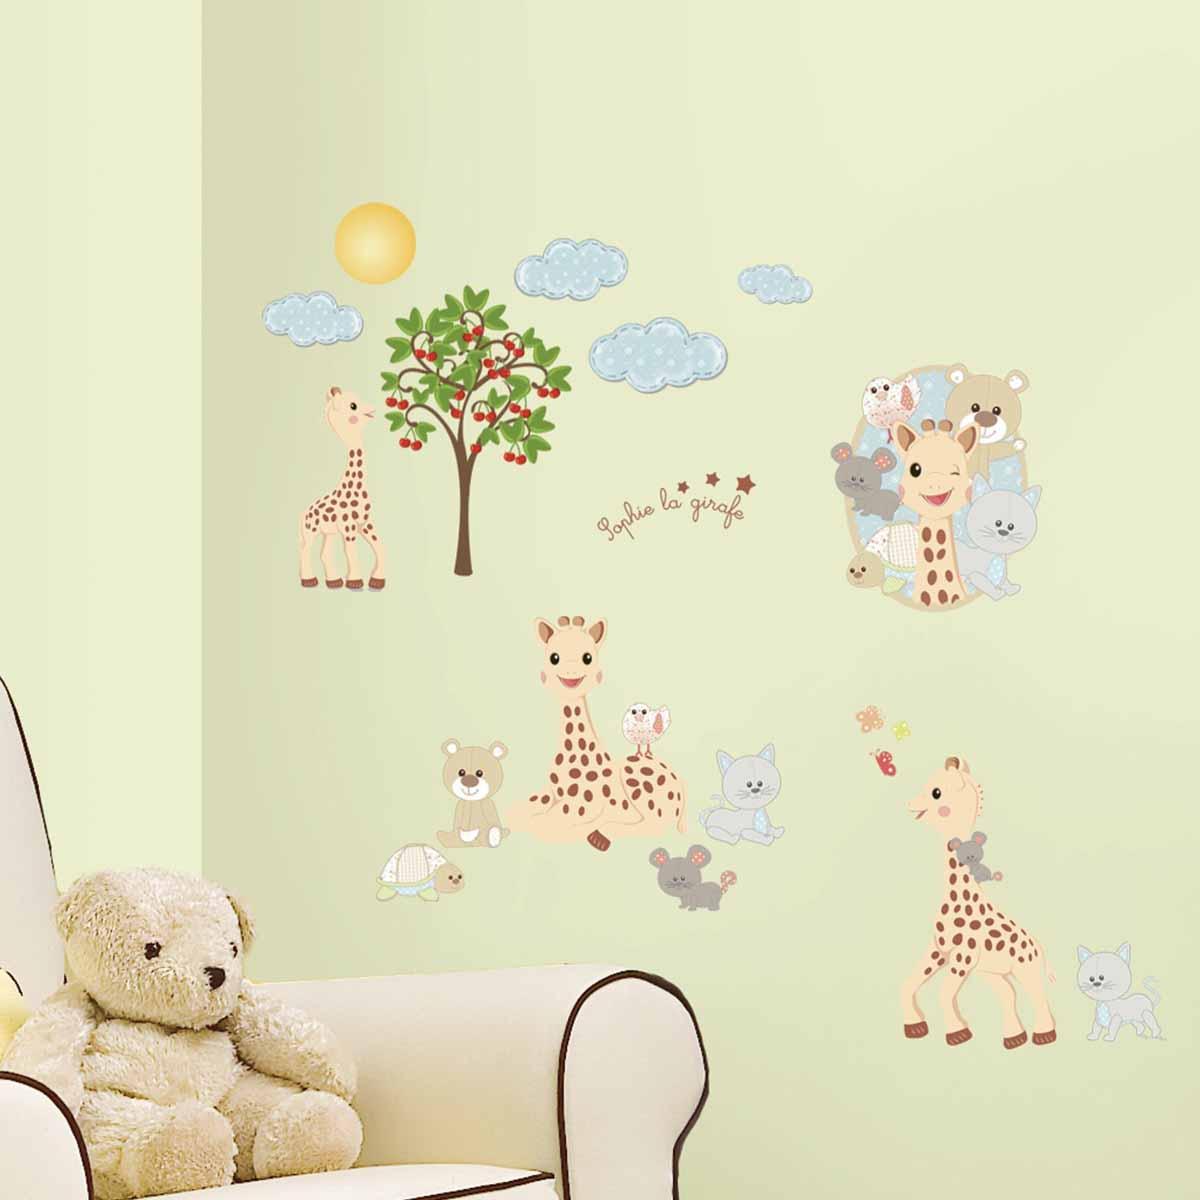 RoomMates Наклейки для декора Жираф Софи67255-2Наклейки для декора Жираф Софи от знаменитого производителя RoomMates станут украшением вашей квартиры! Новый веселый набор наклеек для декора приведет в восторг малышей! Наклейки, входящие в набор, содержат изображения милых жирафов, мишек, котят, мышек, а также деревца, облачков и различных растений. Отлично подойдет для украшения комнаты совсем маленьких детей. Всего в наборе 30 стикеров. Наклейки не нужно вырезать - их следует просто отсоединить от защитного слоя и поместить на стену или любую другую плоскую гладкую поверхность. Наклейки многоразовые: их легко переклеивать и снимать со стены, они не оставляют липких следов на поверхности. В каждой индивидуальной упаковке вы можете найти 4 листа с различными наклейками! Таким образом, покупая наклейки фирмы RoomMates, вы получаете гораздо больший ассортимент наклеек, имея возможность украсить ими различные поверхности в доме.